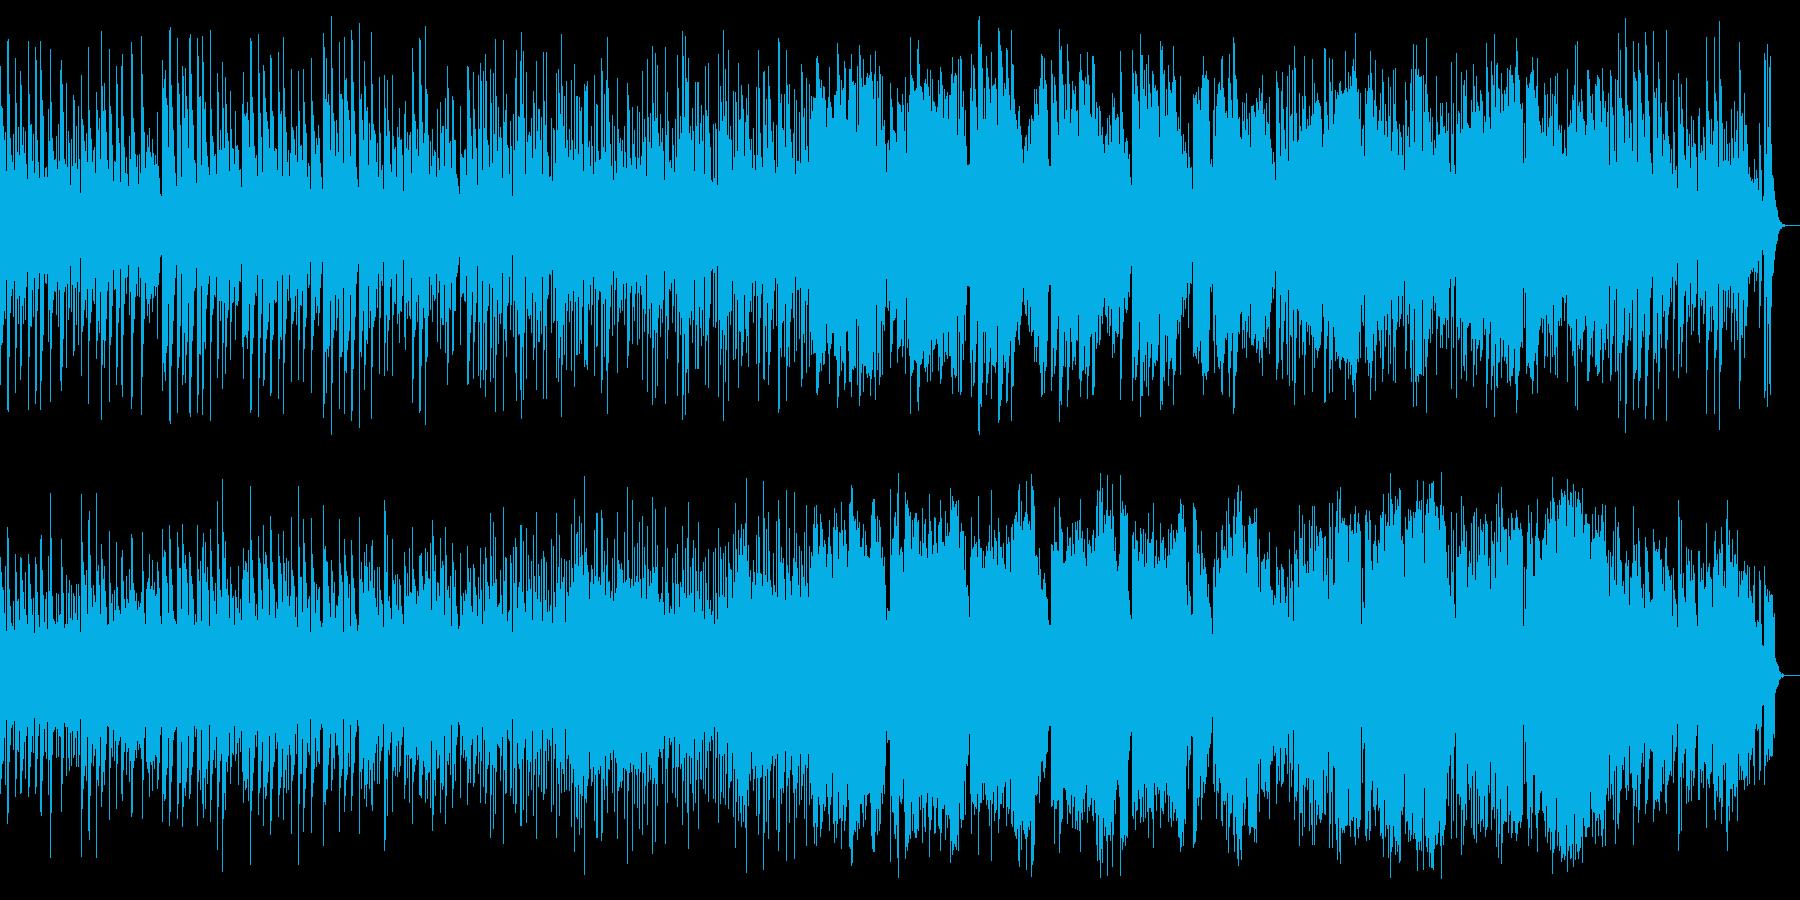 弾ける感じの明るくメロディアスな楽曲の再生済みの波形